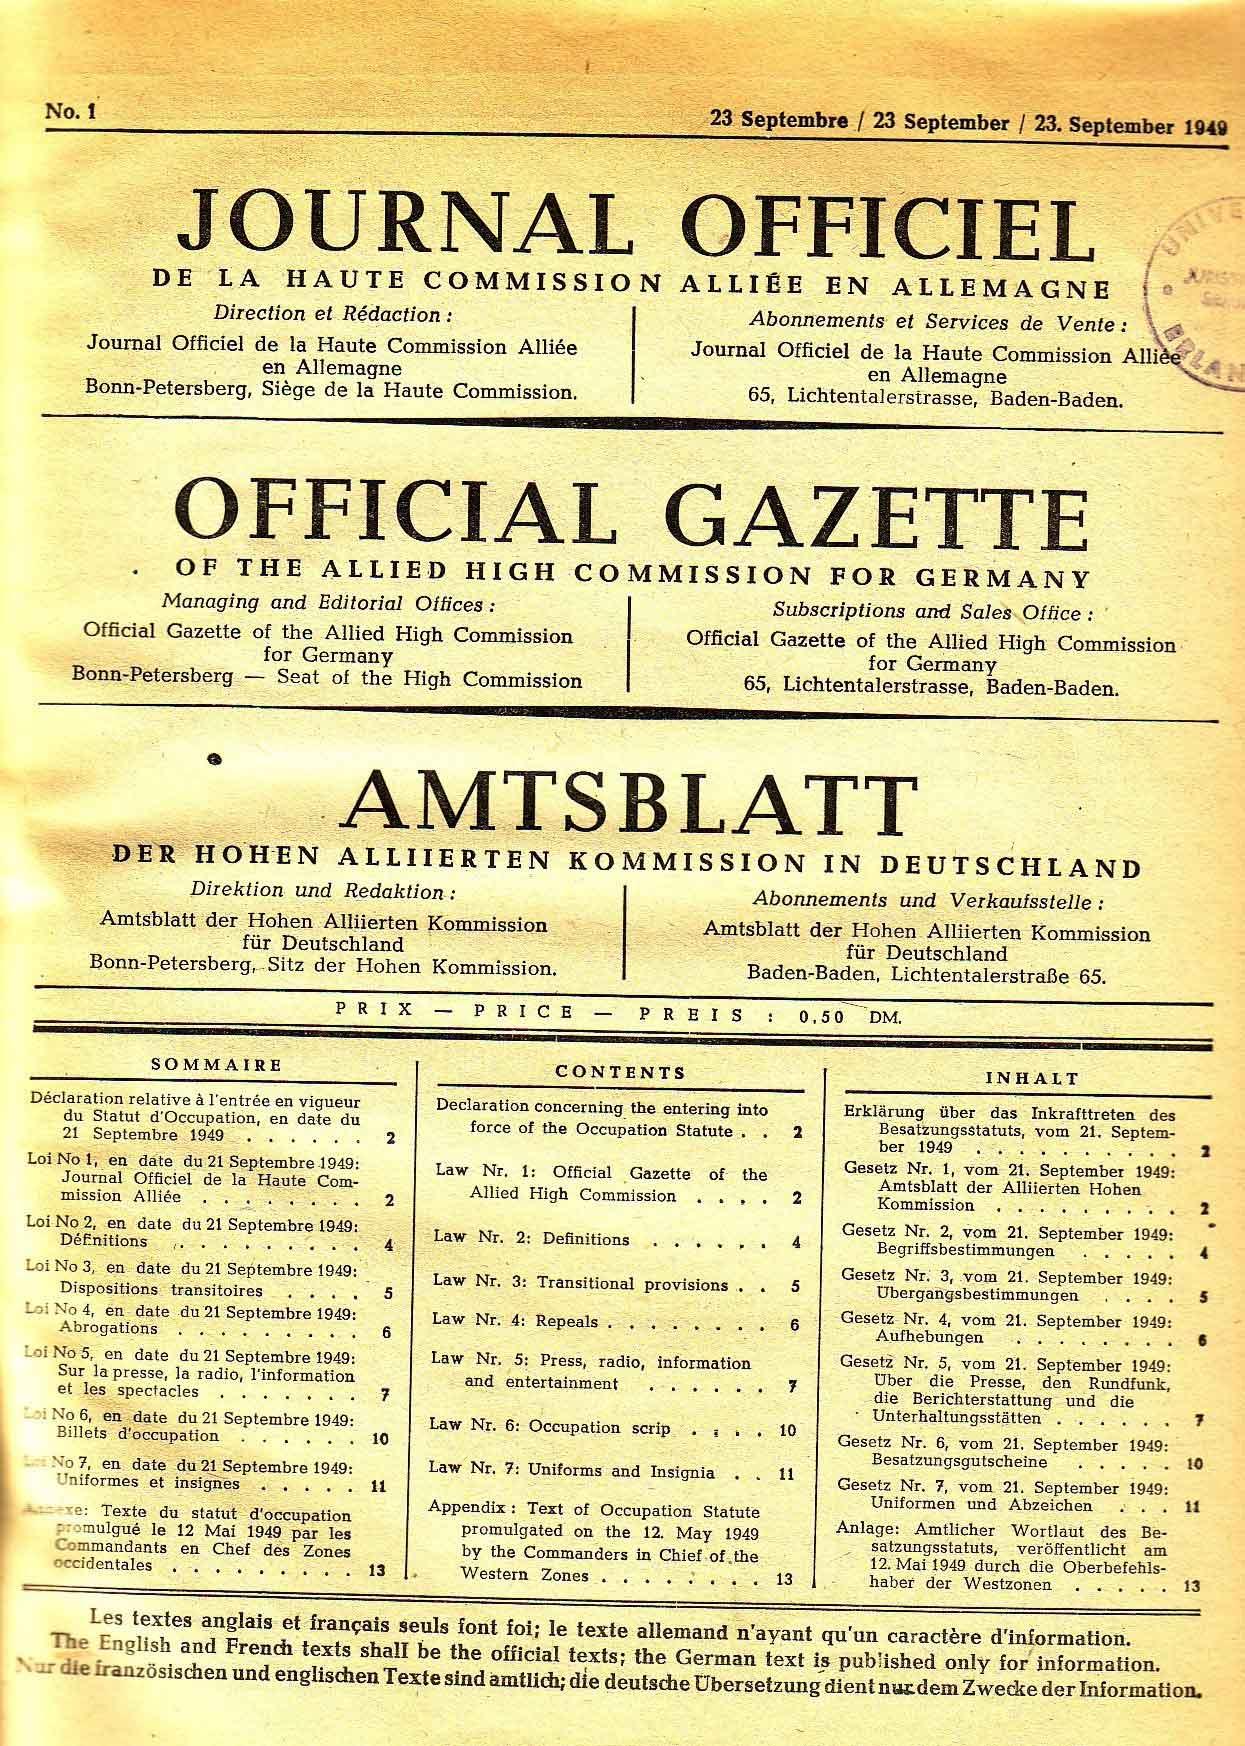 Besatzungsstatut Deutschland Endet